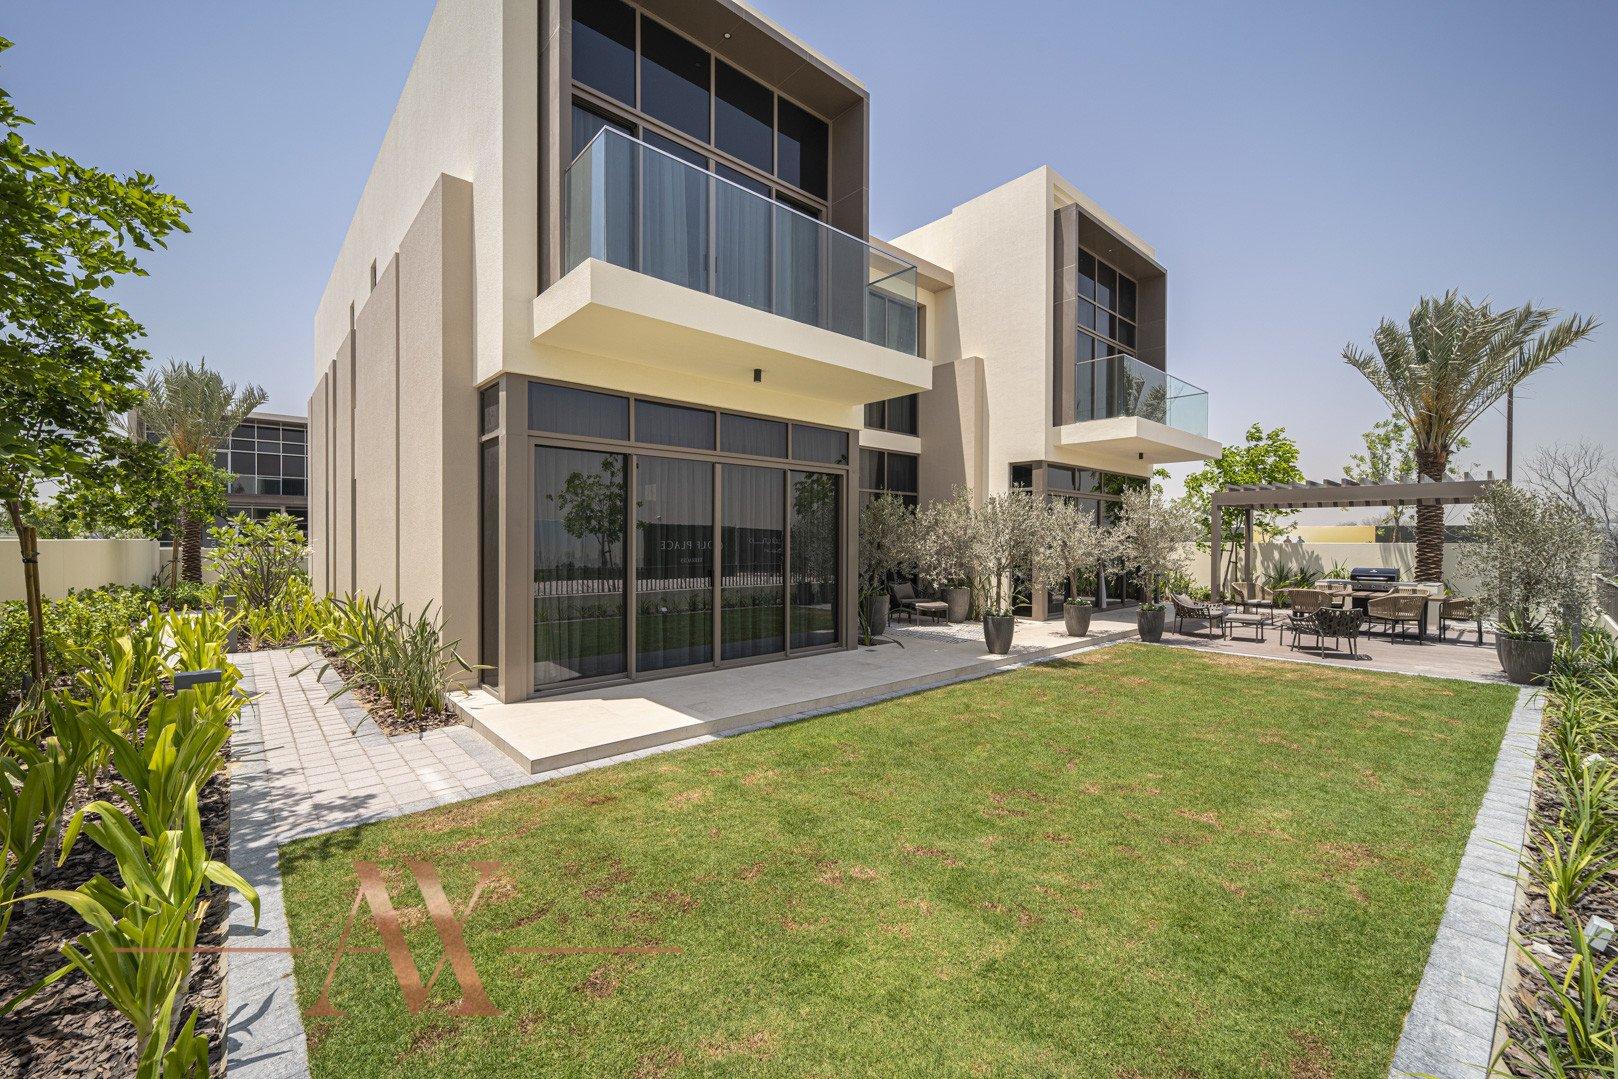 Villa en venta en Dubai, EAU, 4 dormitorios, 659.6 m2, № 23710 – foto 21